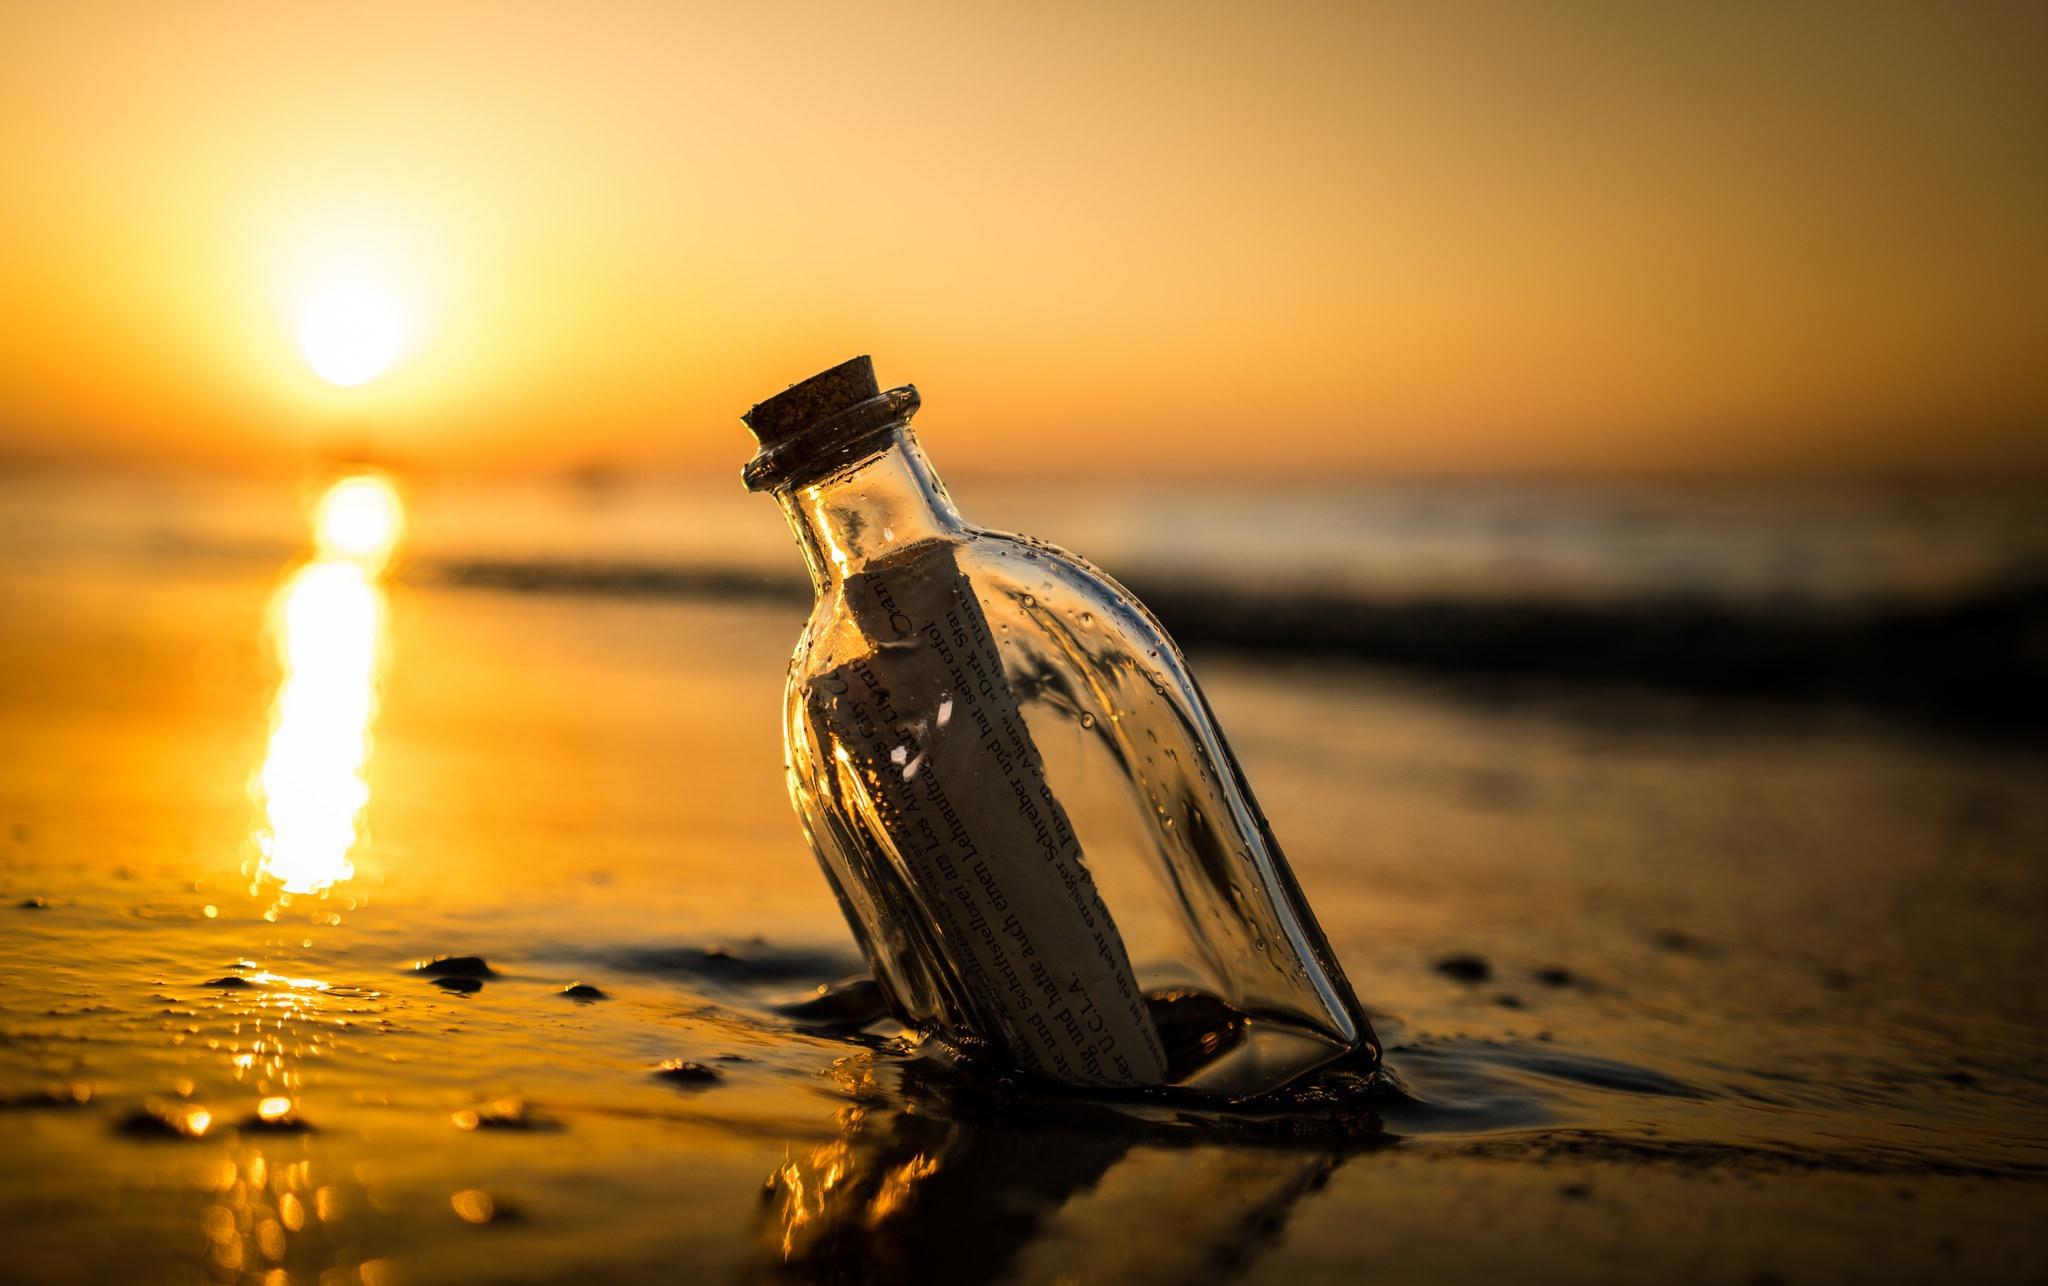 Рыбаки обнаружили послание в бутылке. 16201.jpeg